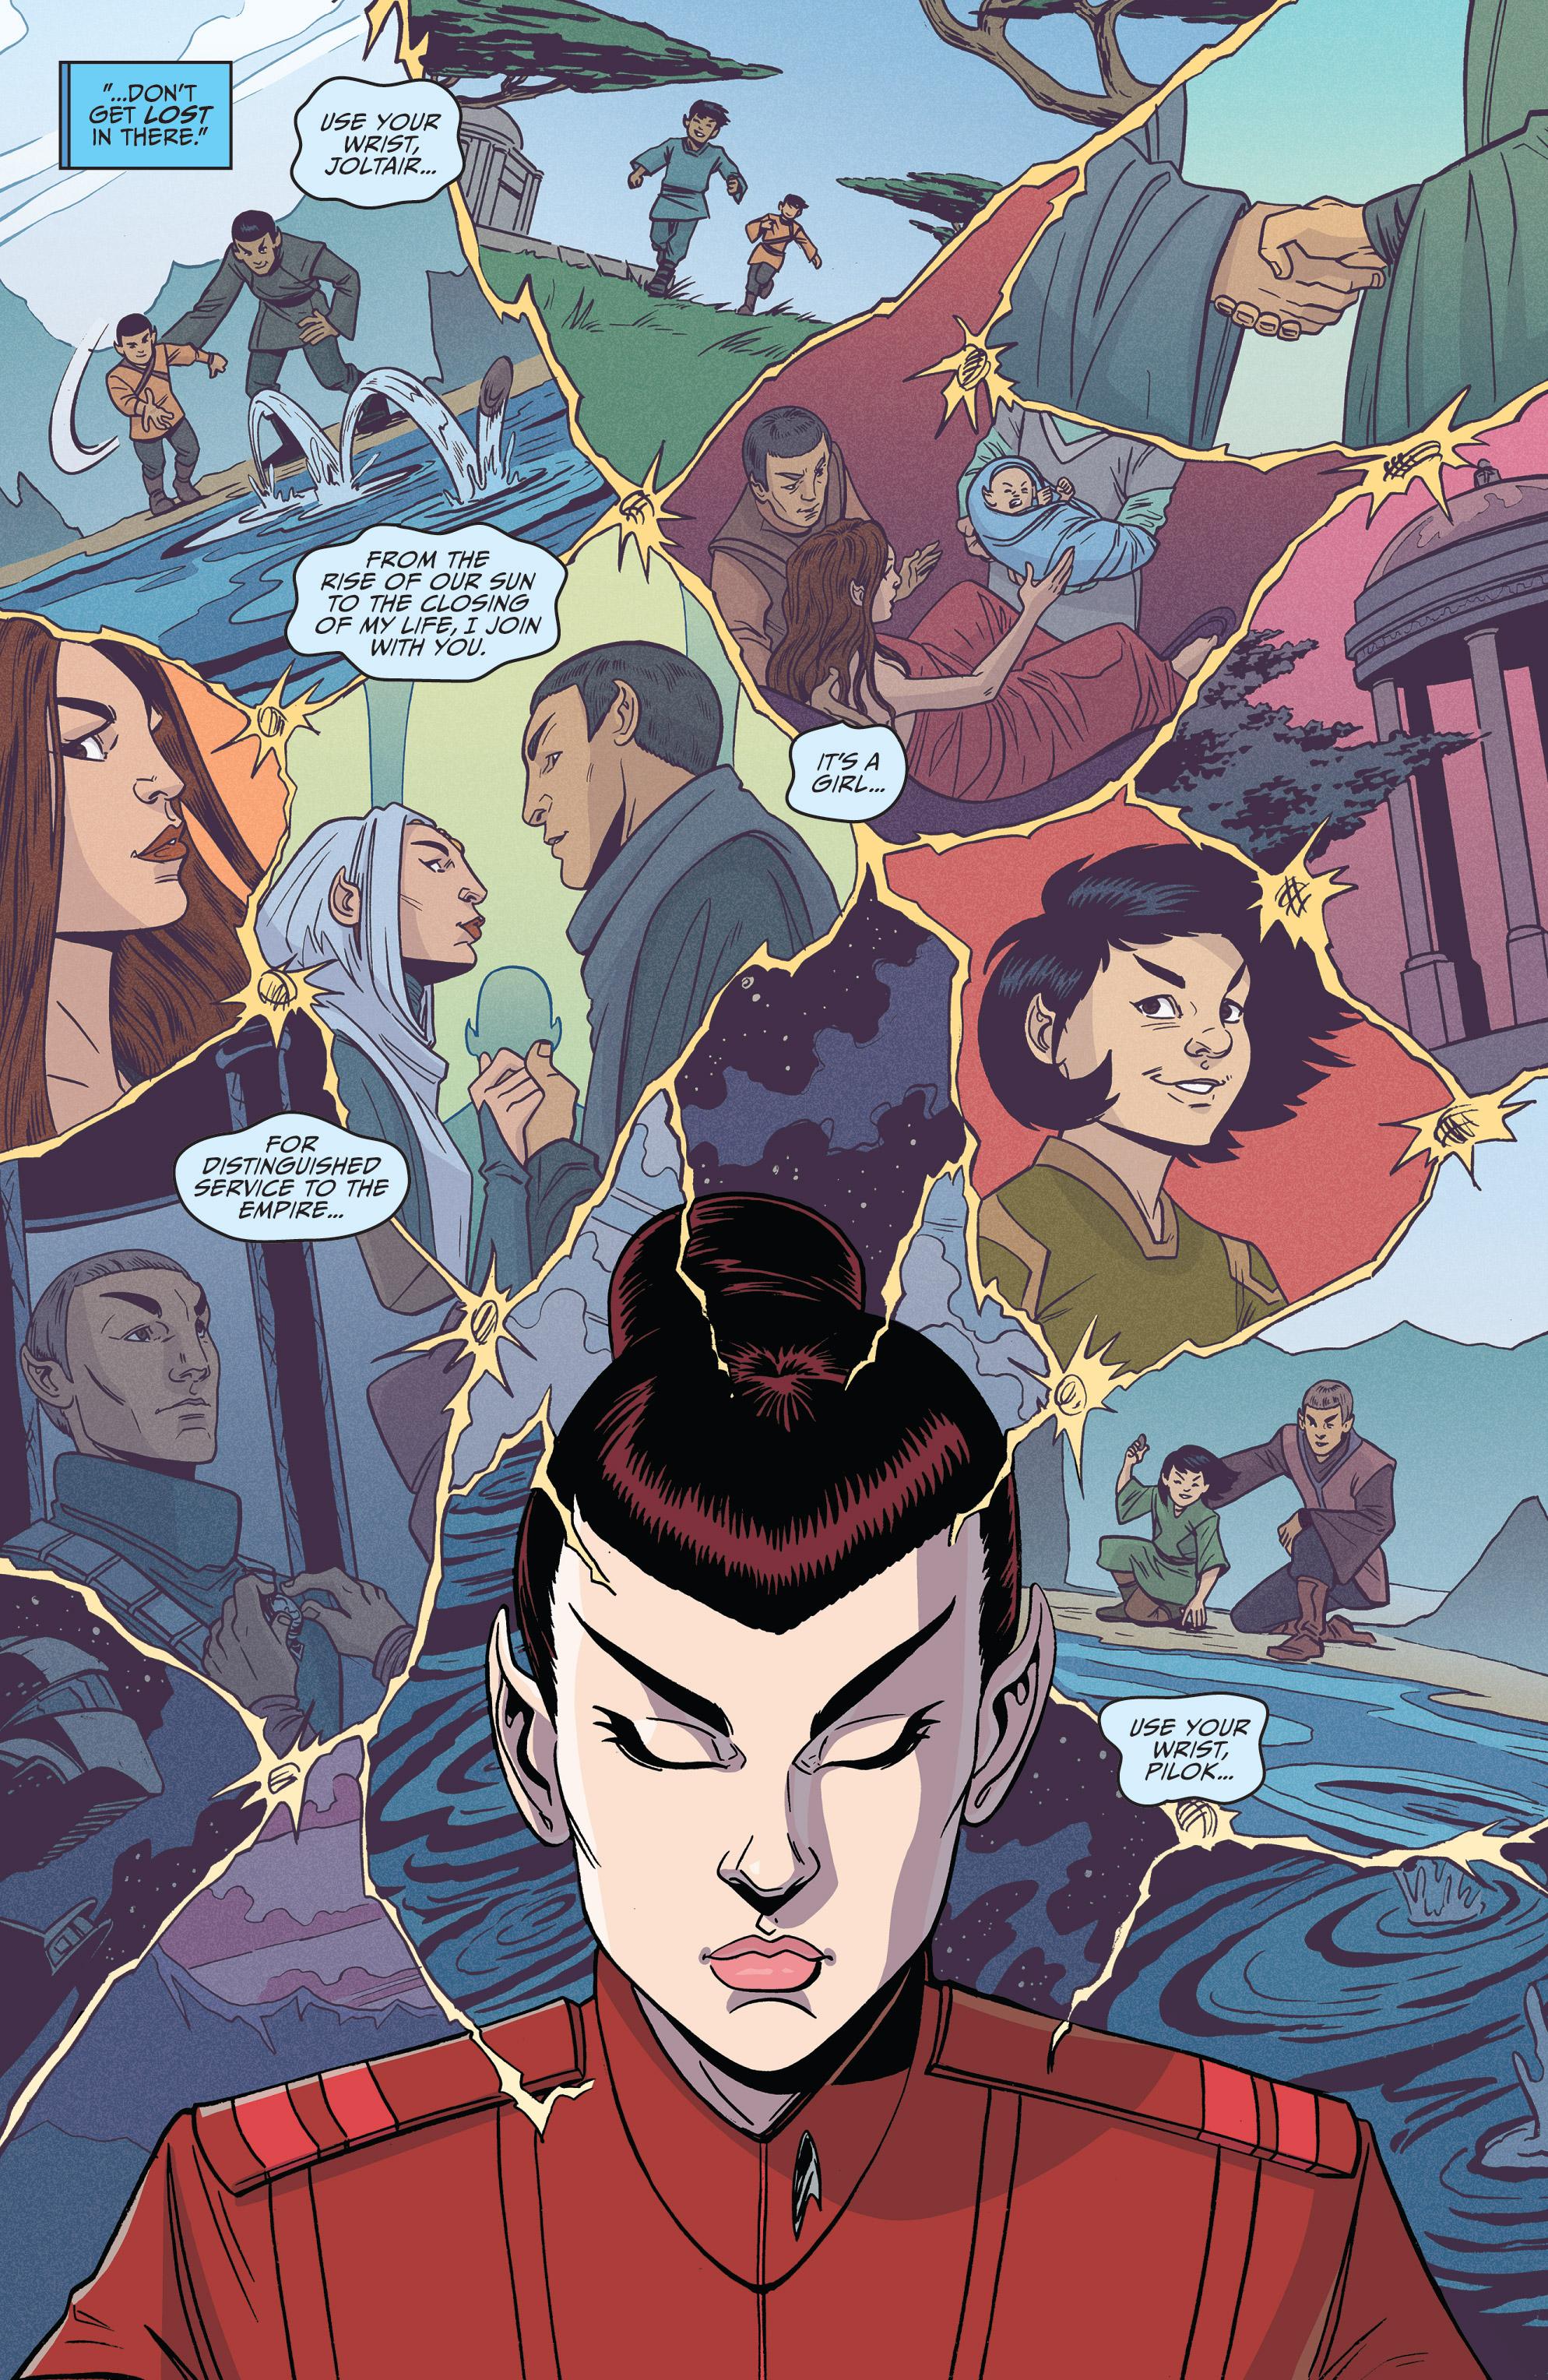 Read online Star Trek: Boldly Go comic -  Issue #8 - 13